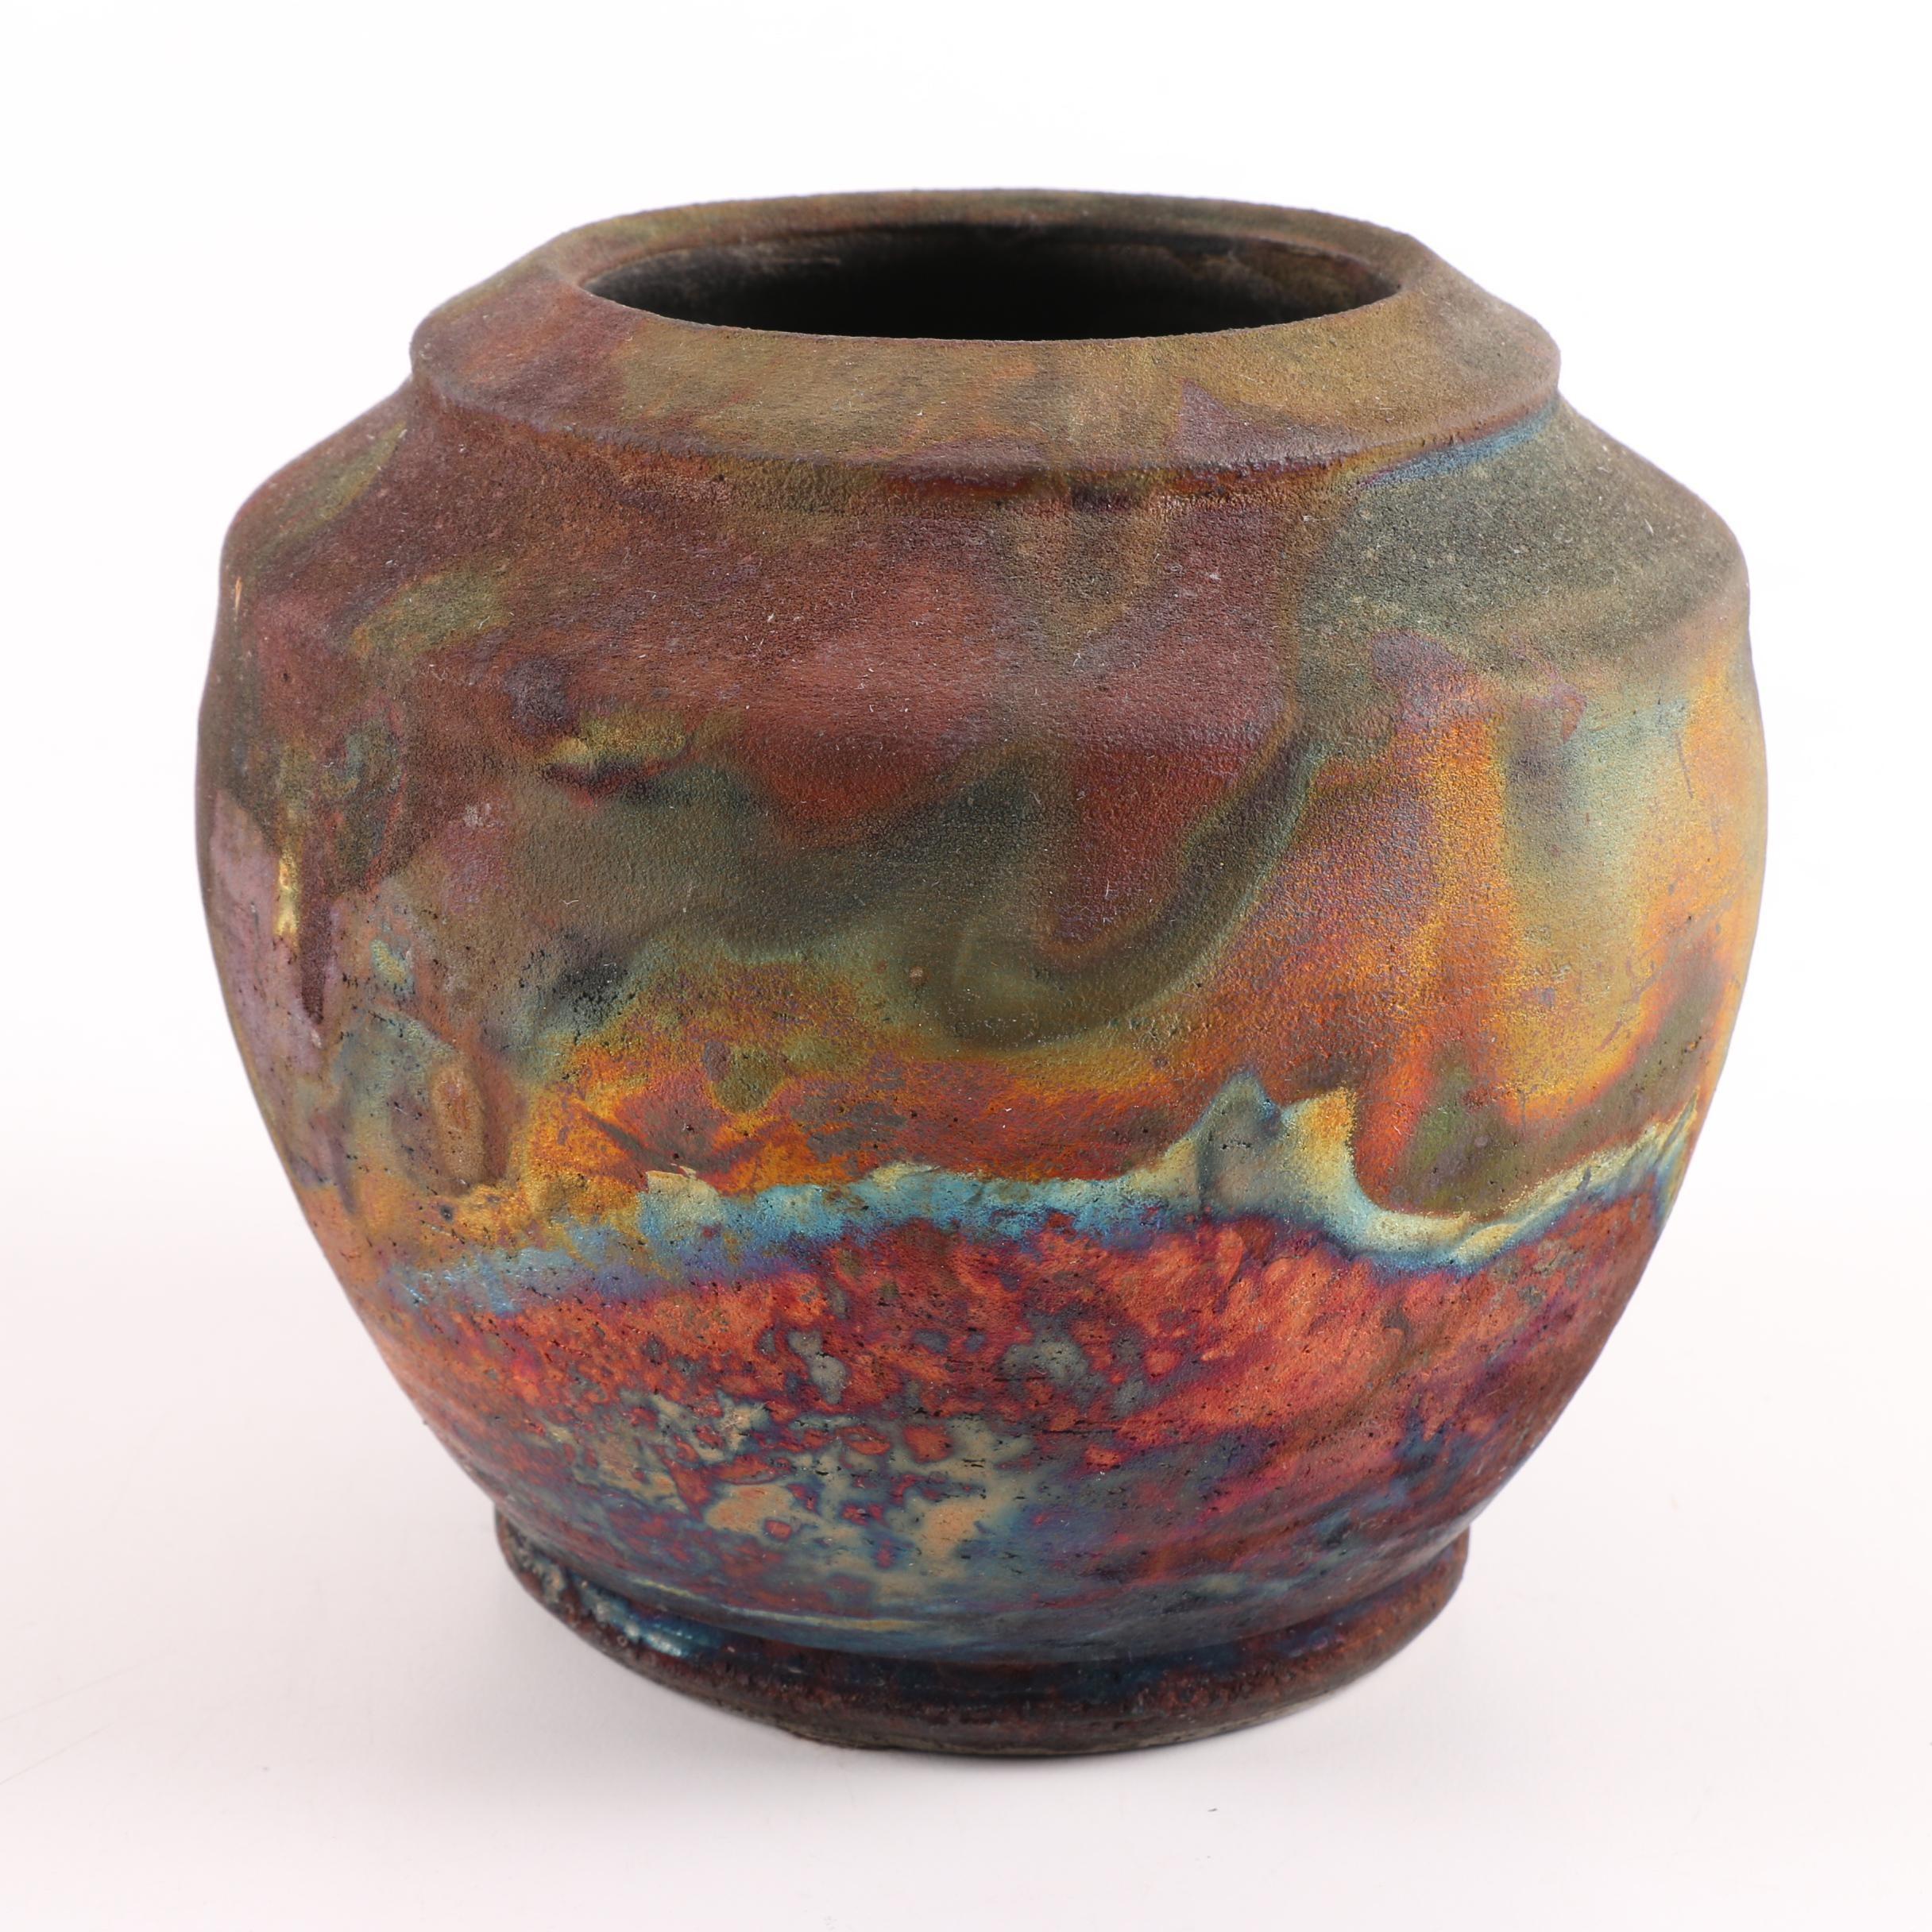 Signed Wheel Thrown Stoneware Raku Fired Vase